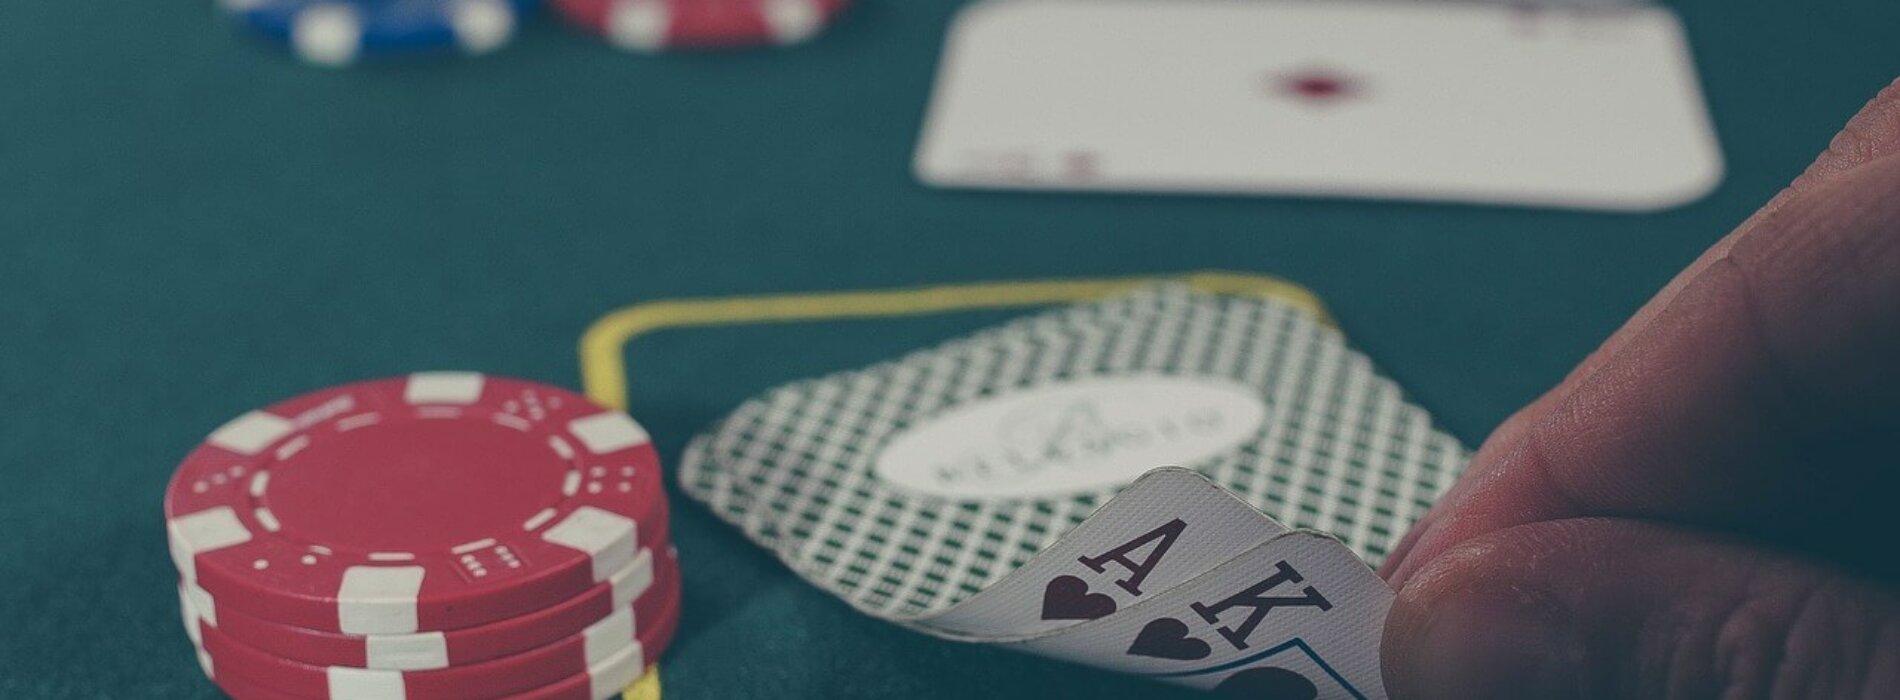 Obroty hazardu online w szarej strefie znacząco wzrosły. W ciągu ostatnich czterech lat zwiększyły się o 9 mld zł